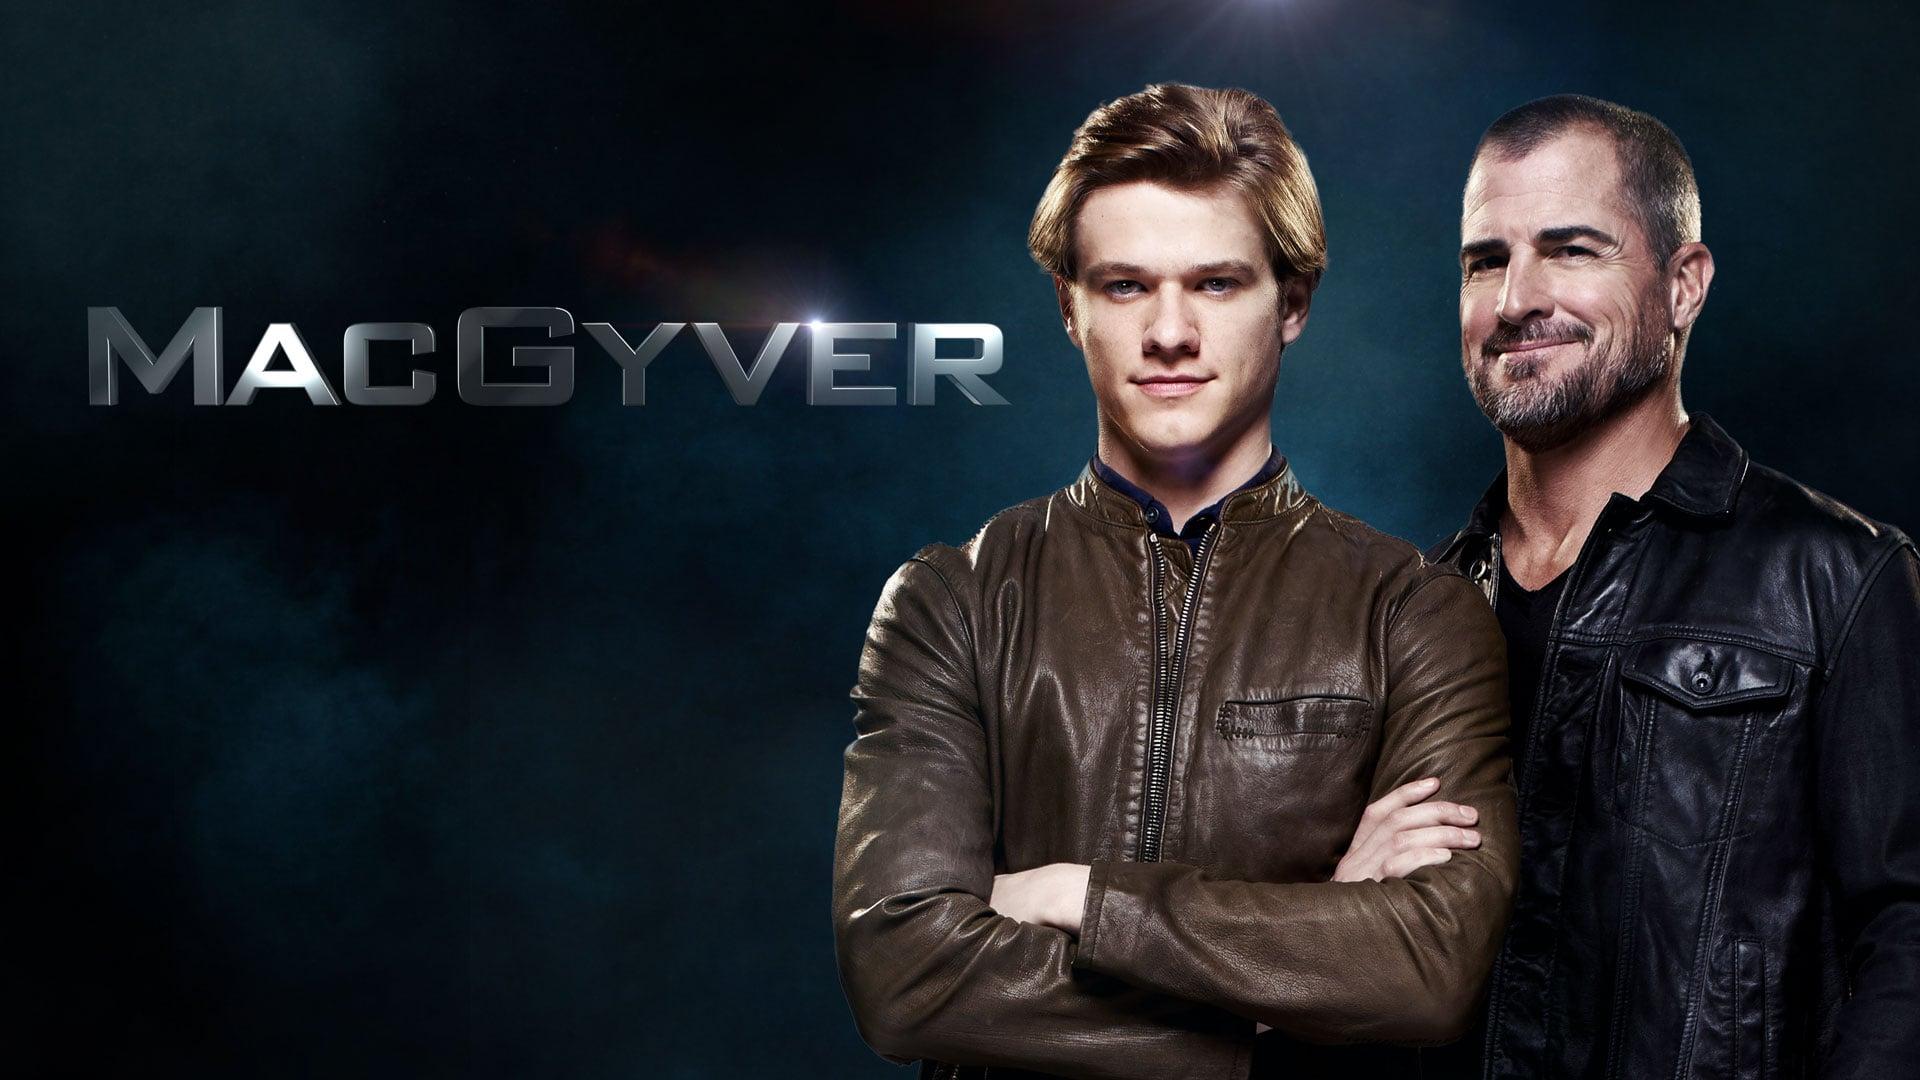 MacGyver Season 5 Episode 4